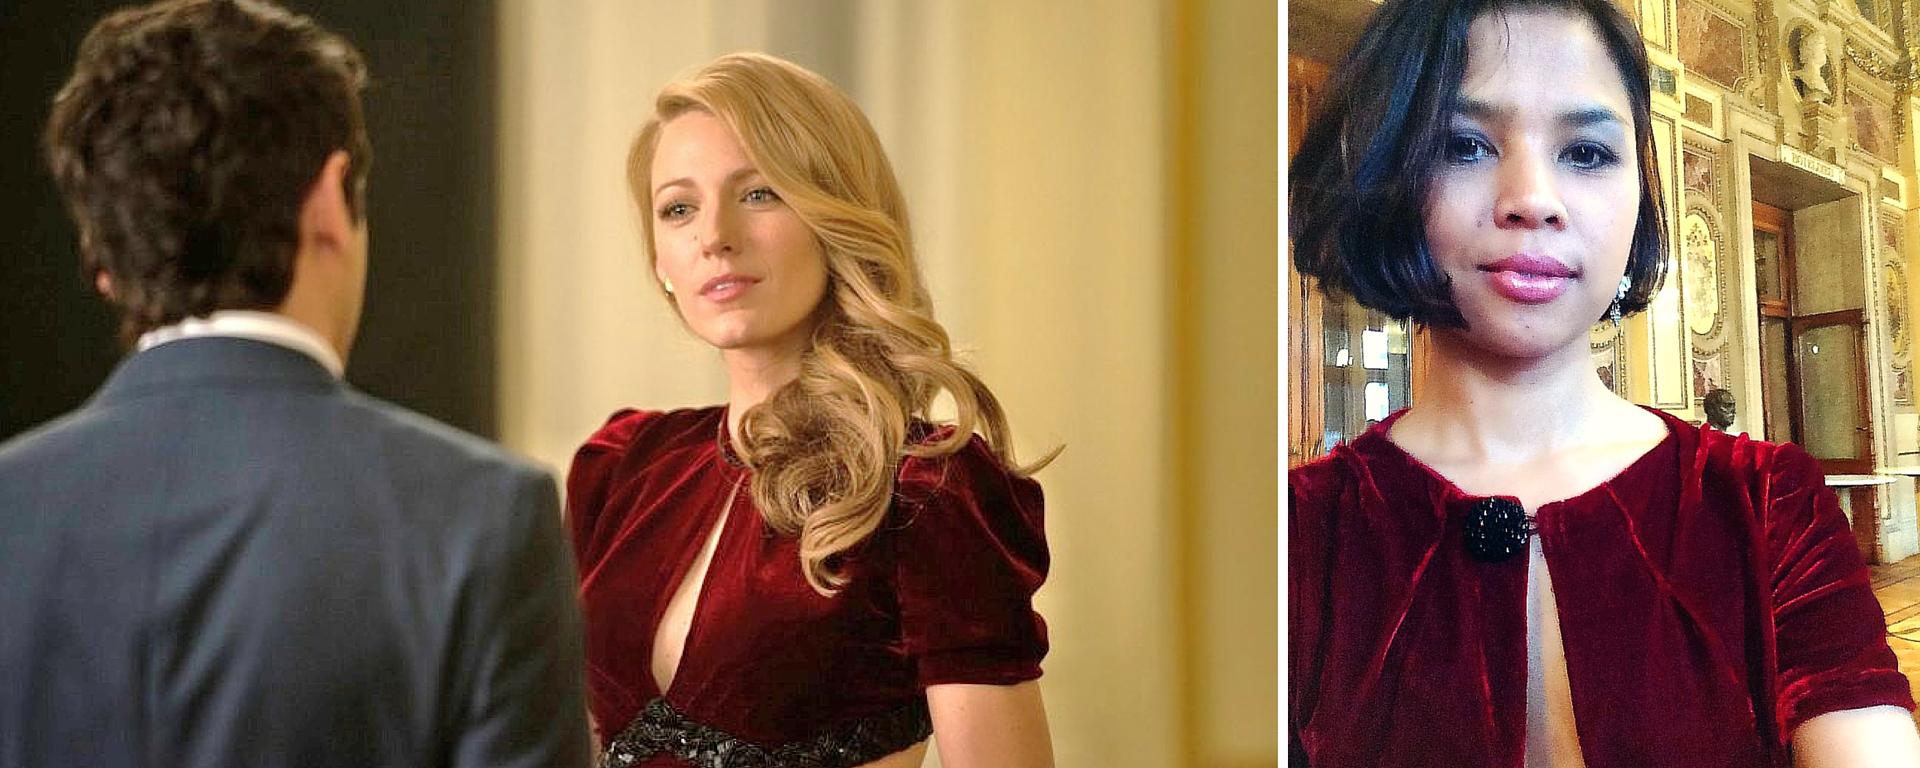 Age of Adeline dress remake